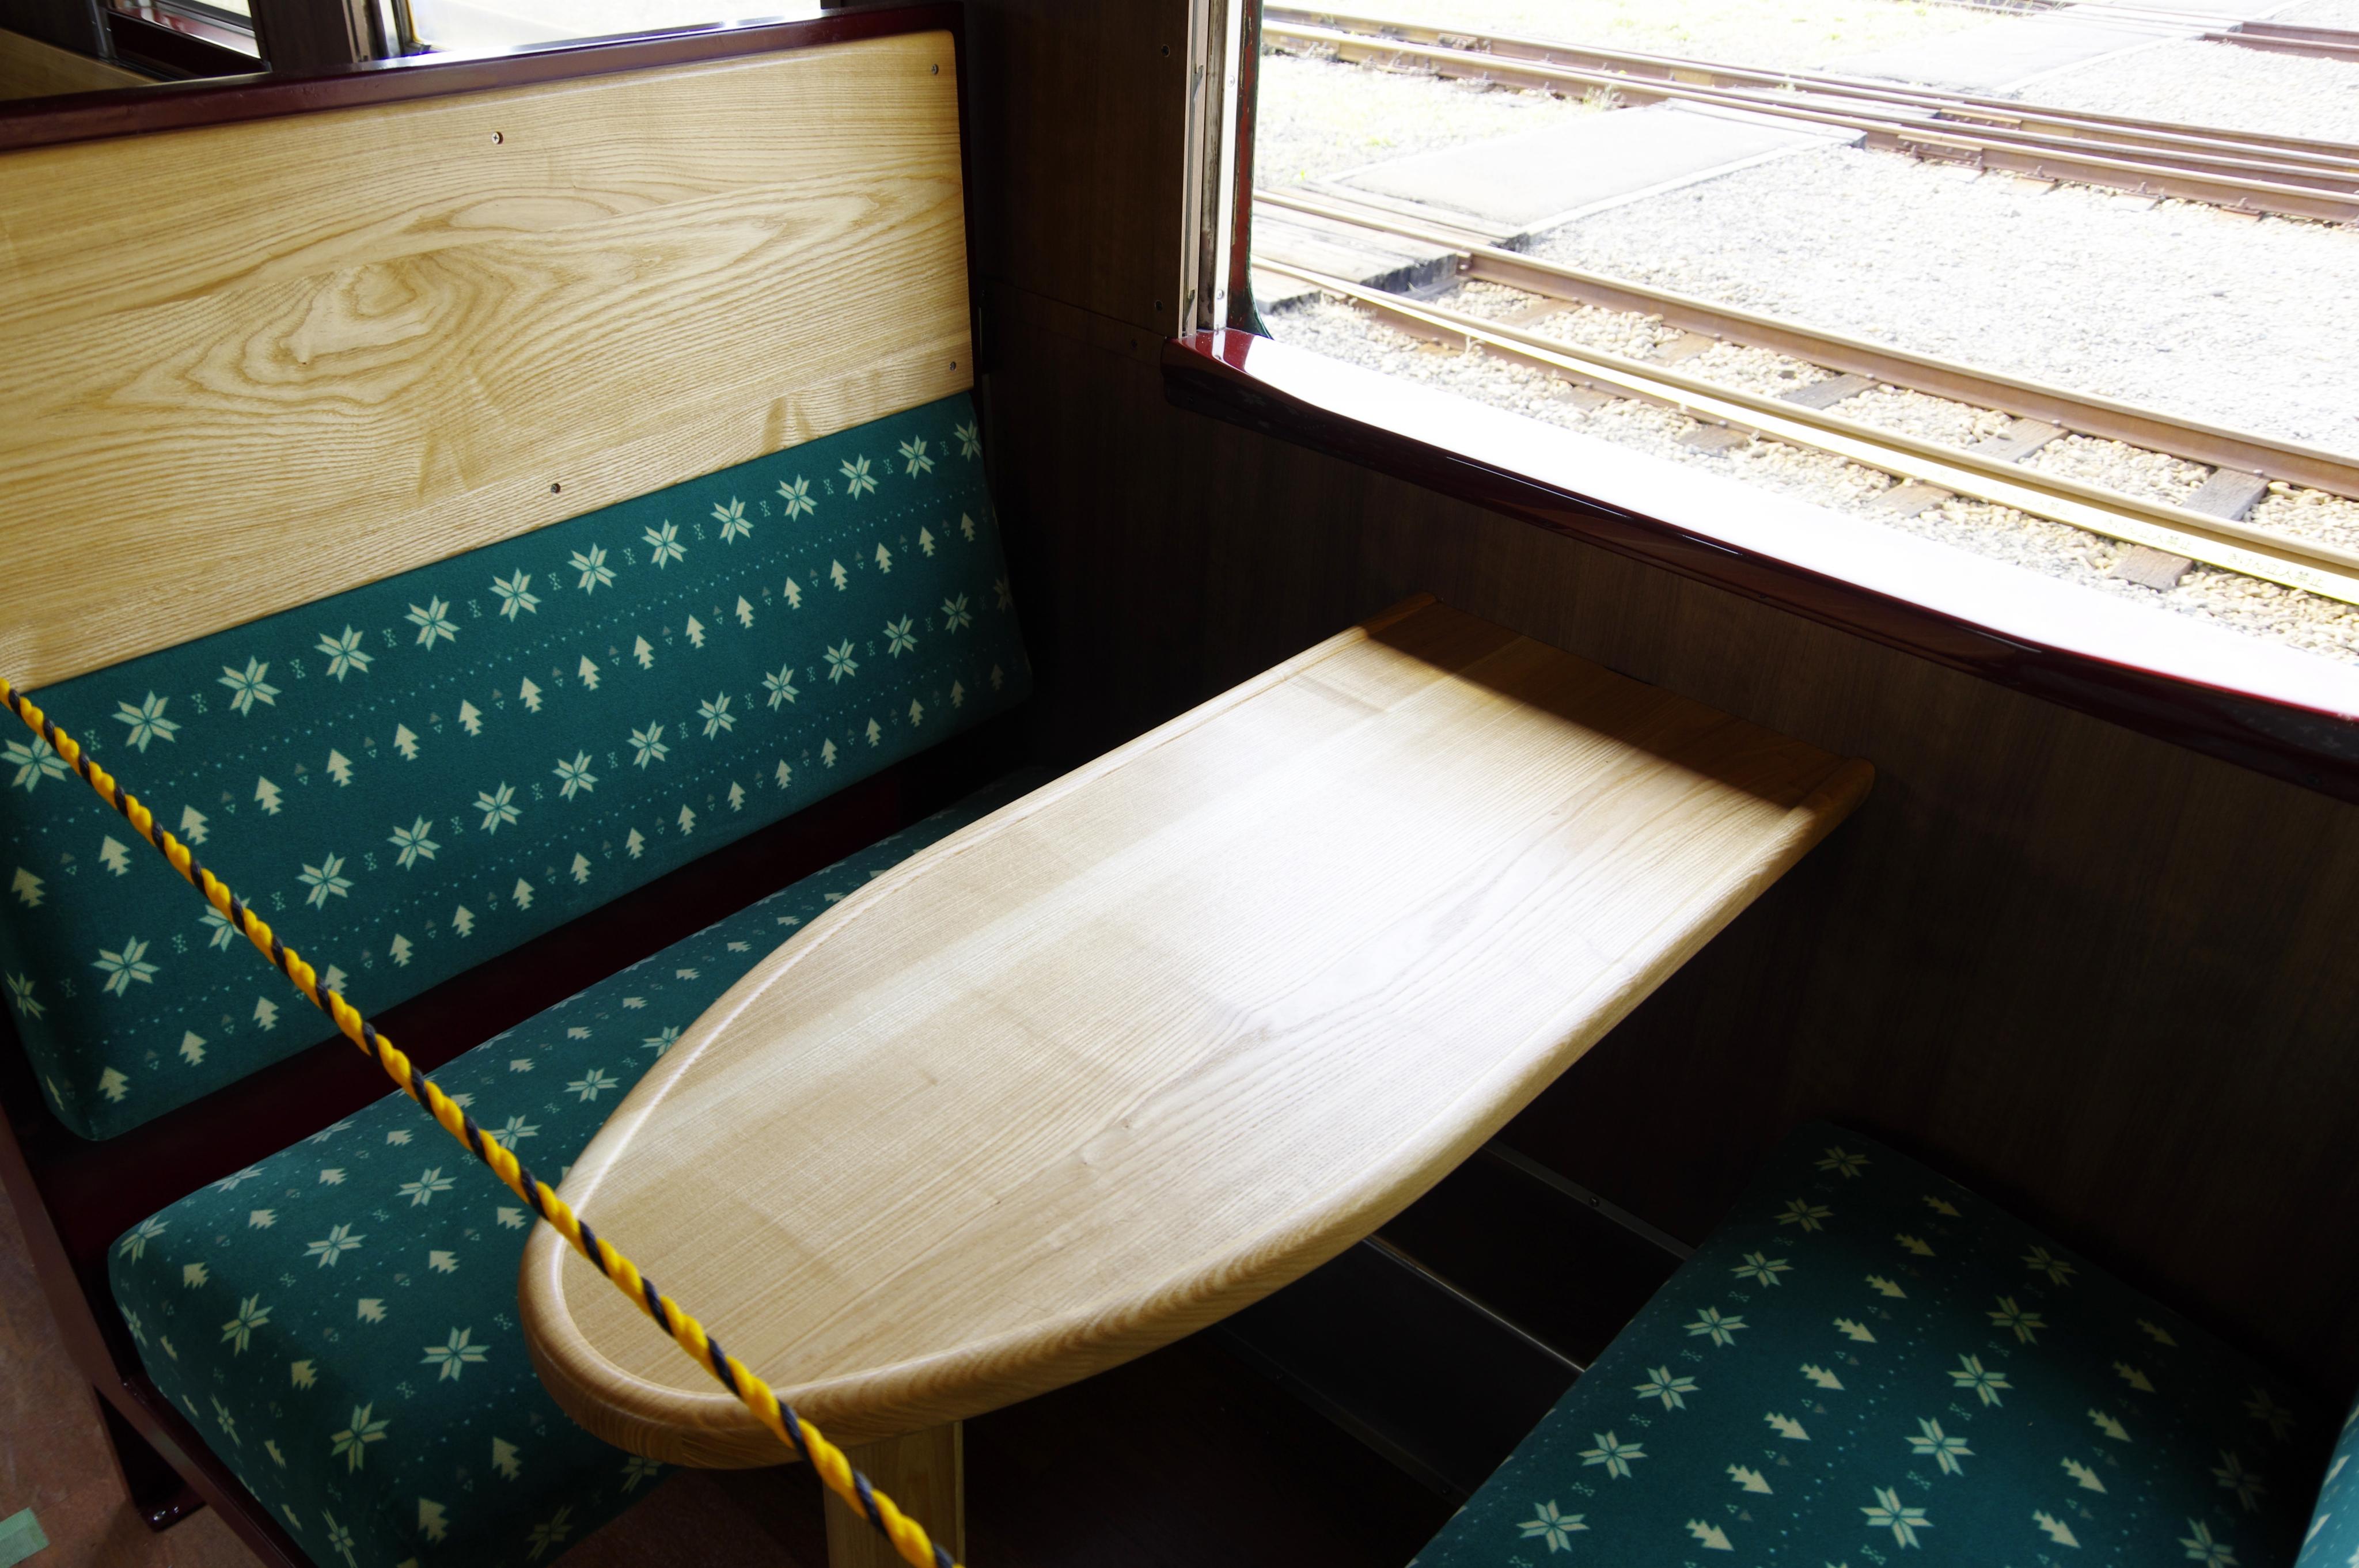 キハ40 山明号 ボックスシート 190908.jpg